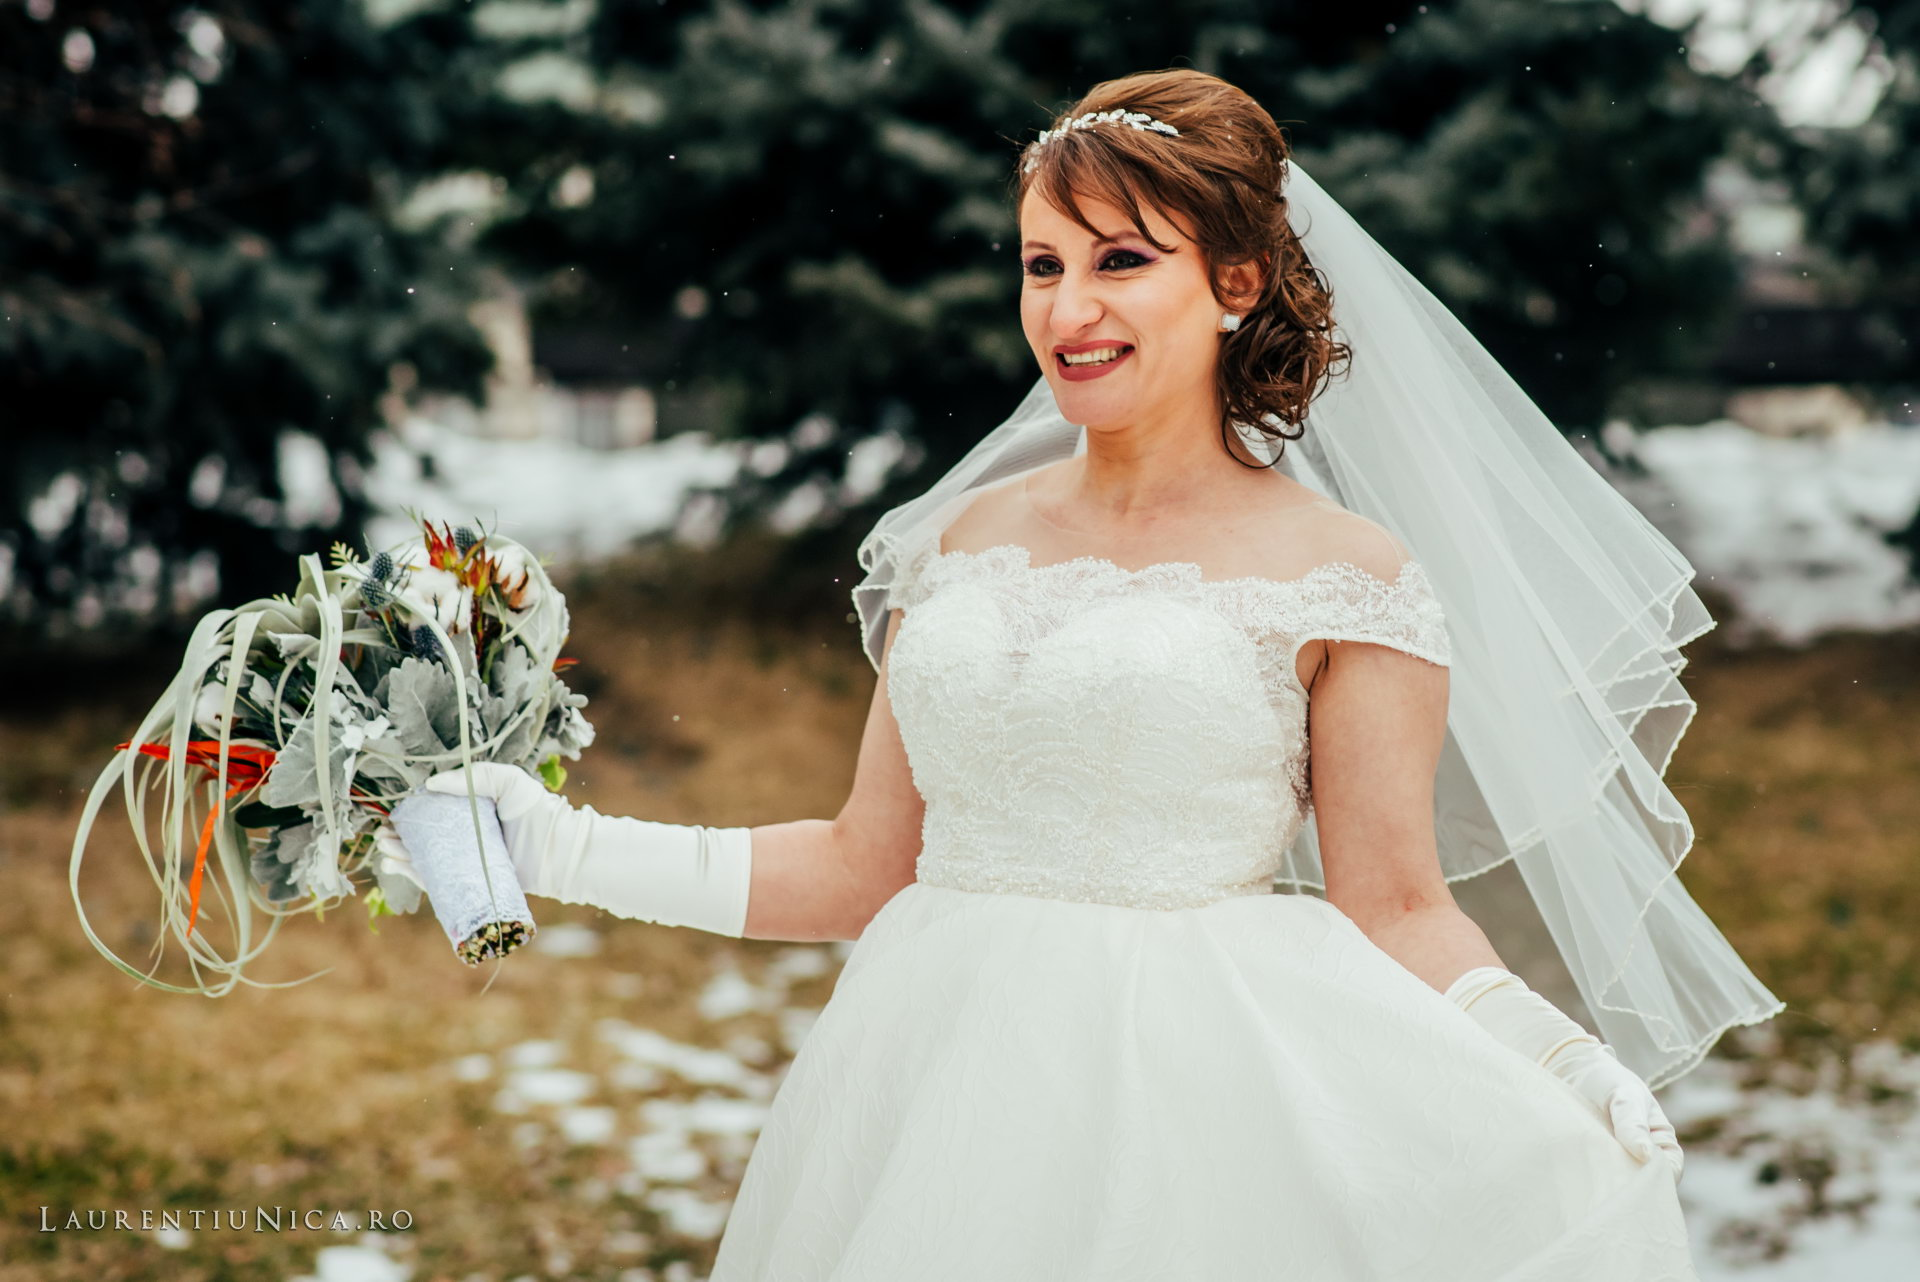 daniela si marius fotografii nunta craiova laurentiu nica44 - Daniela & Marius | Fotografii nunta